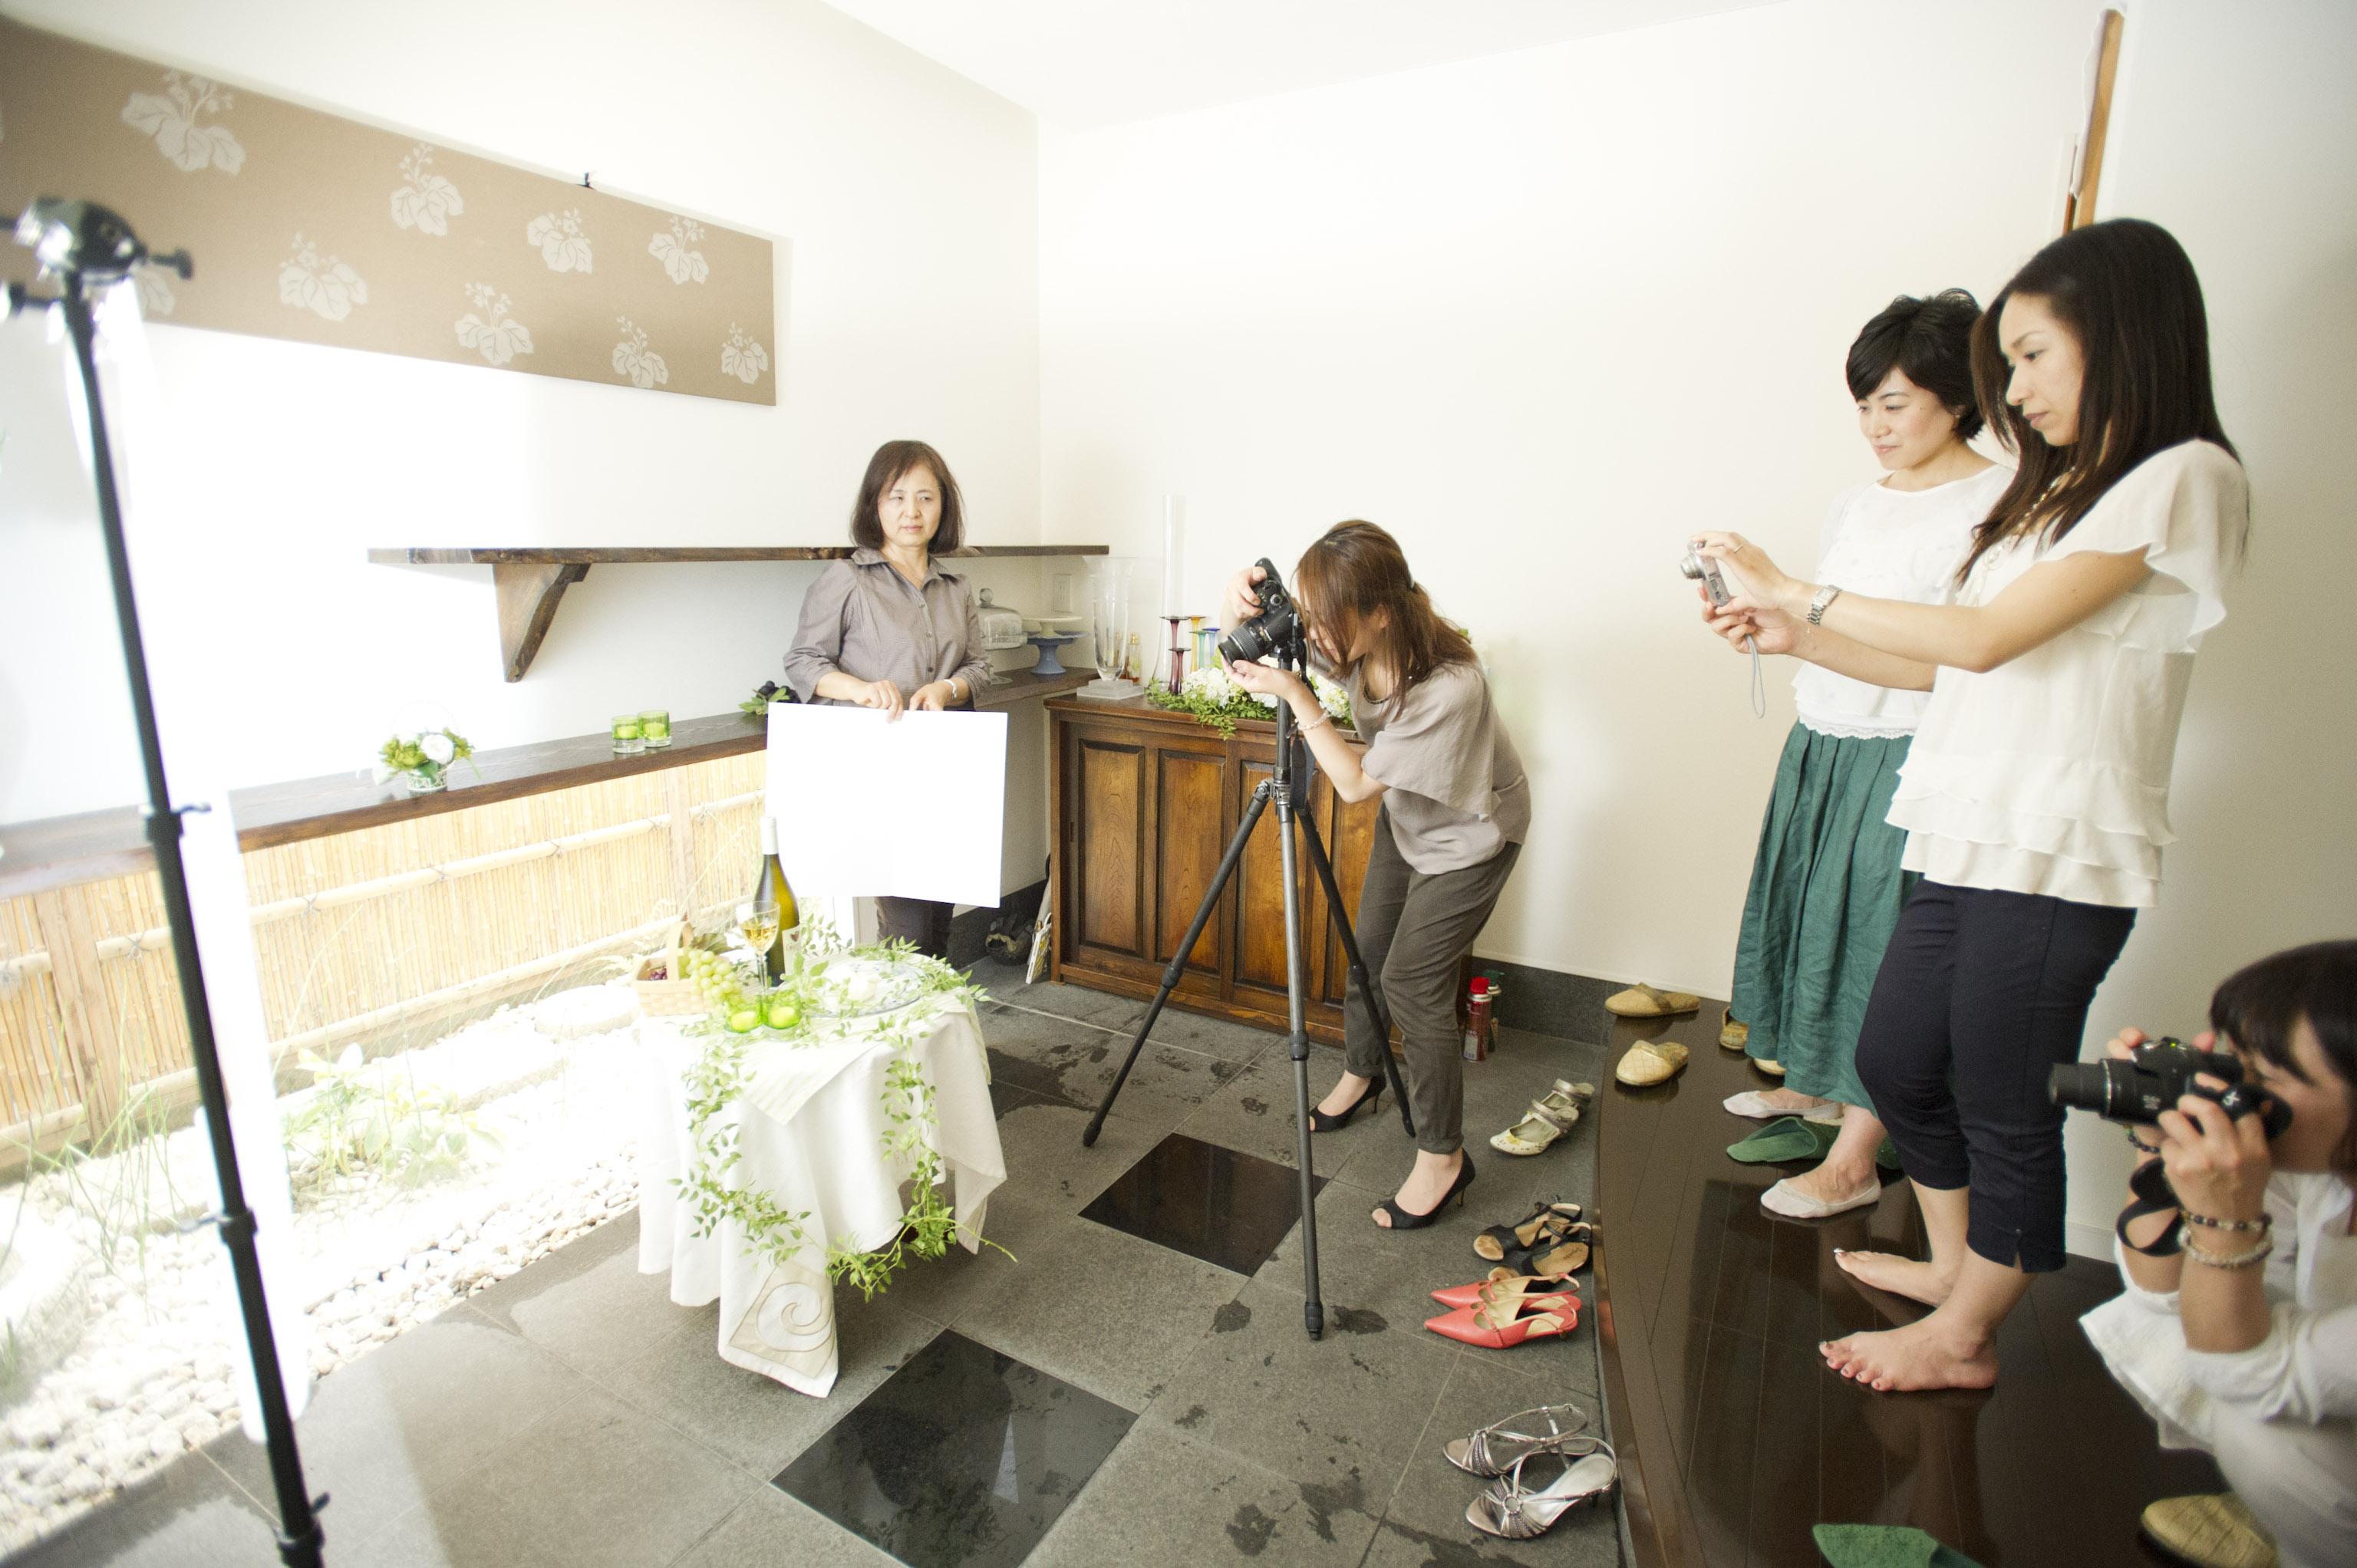 プロのカメラマンによる写真教室